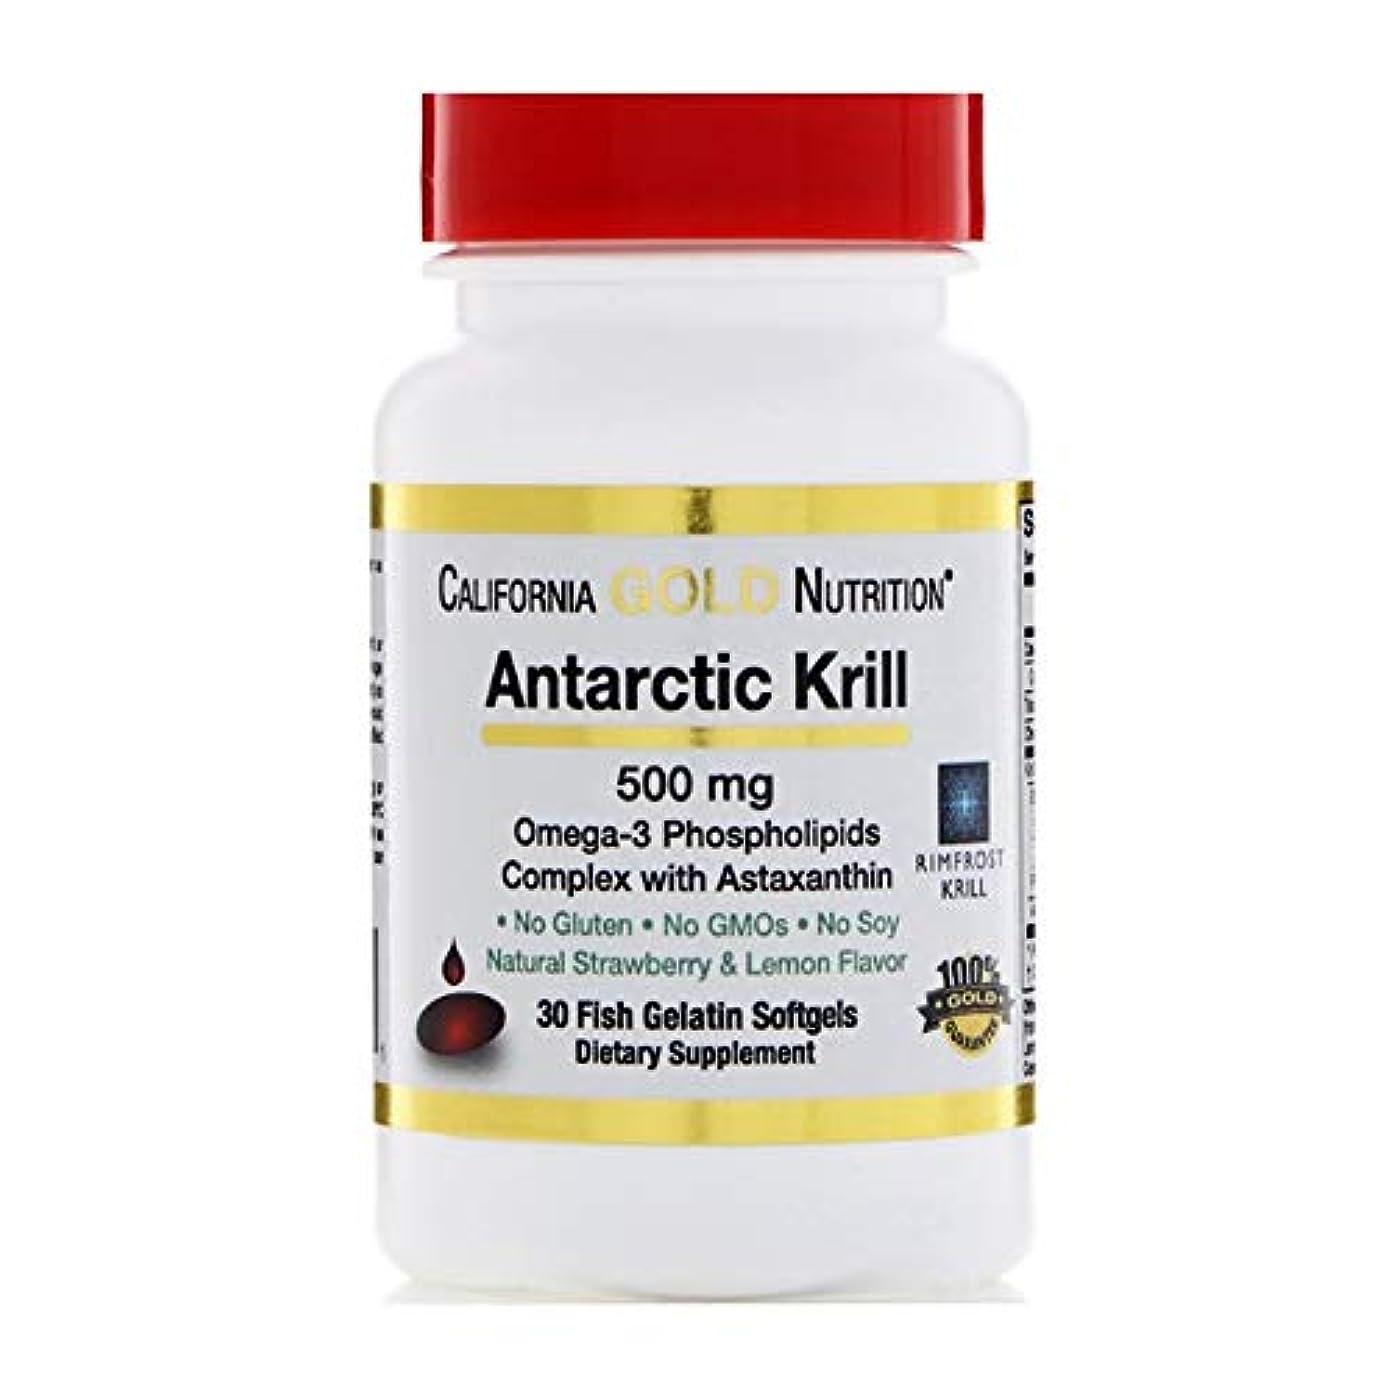 パシフィック一般役に立つCalifornia Gold Nutrition Antarctic Krill Oil アスタキサンチン配合 RIMFROST 天然イチゴ レモン味 500 mg フィッシュゼラチンソフトジェル 30粒 【アメリカ直送】